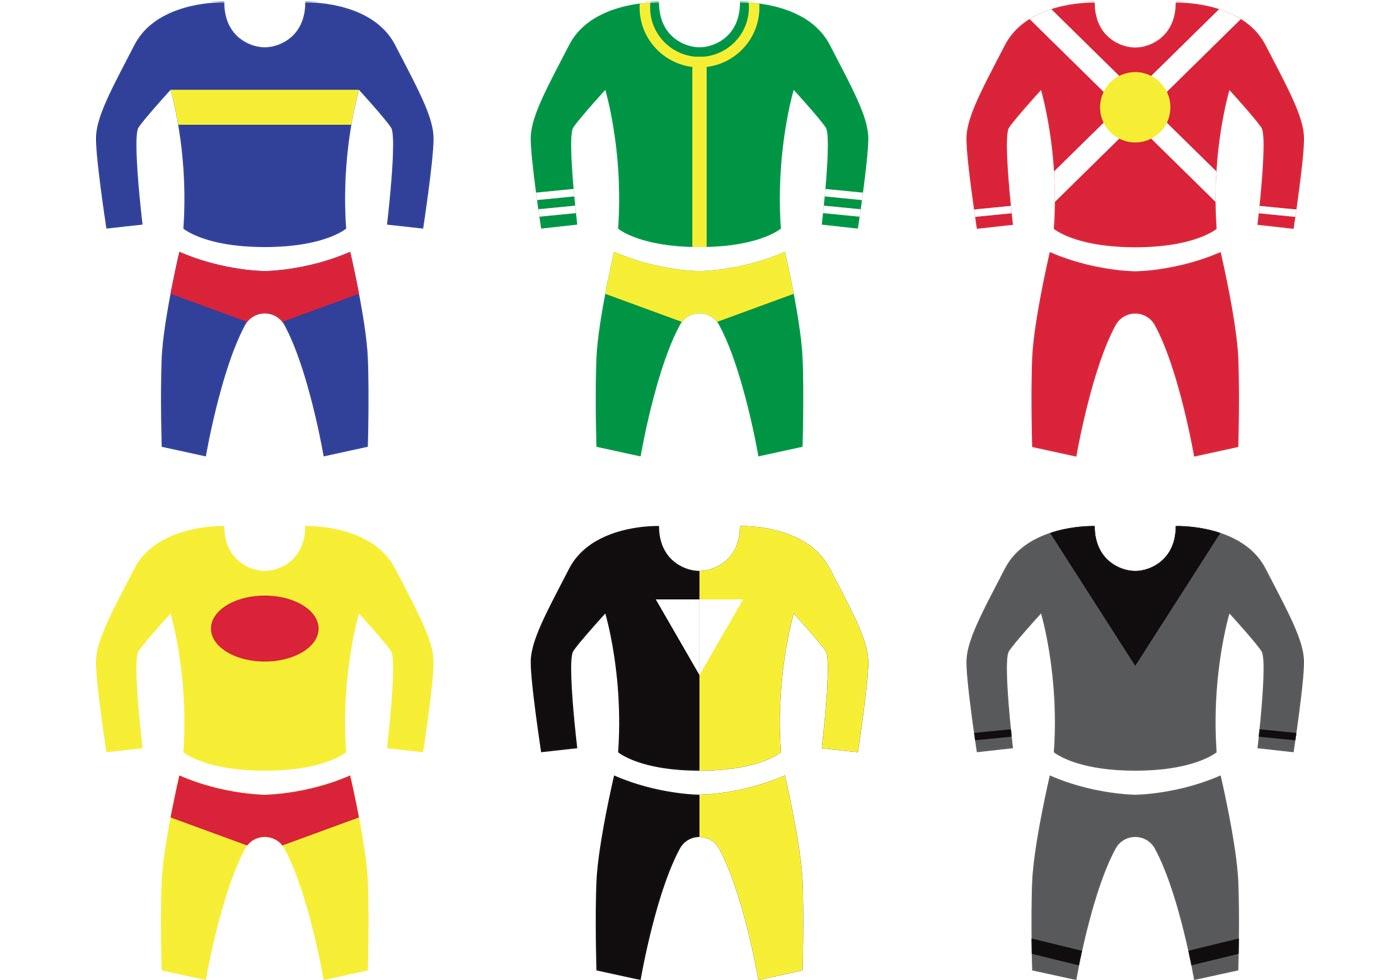 Superhero Kids Costume Vectors - Download Free Vector Art ...